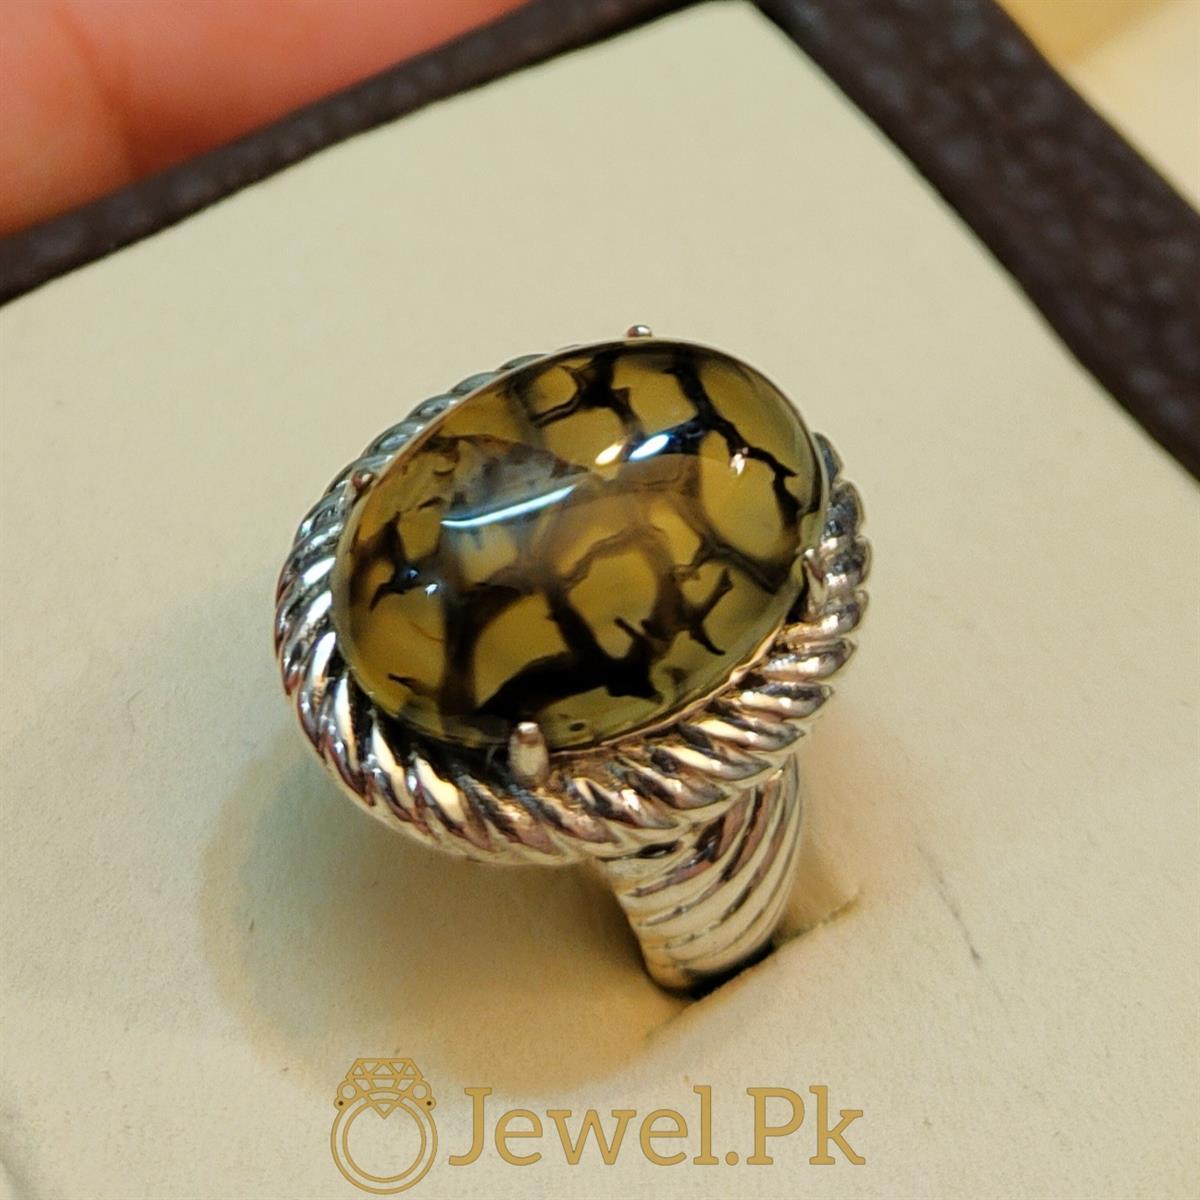 Natural Shajiri Aqeeq Ring Beautiful Aqeeq 5 natural gemstones pakistan + 925 silver jewelry online